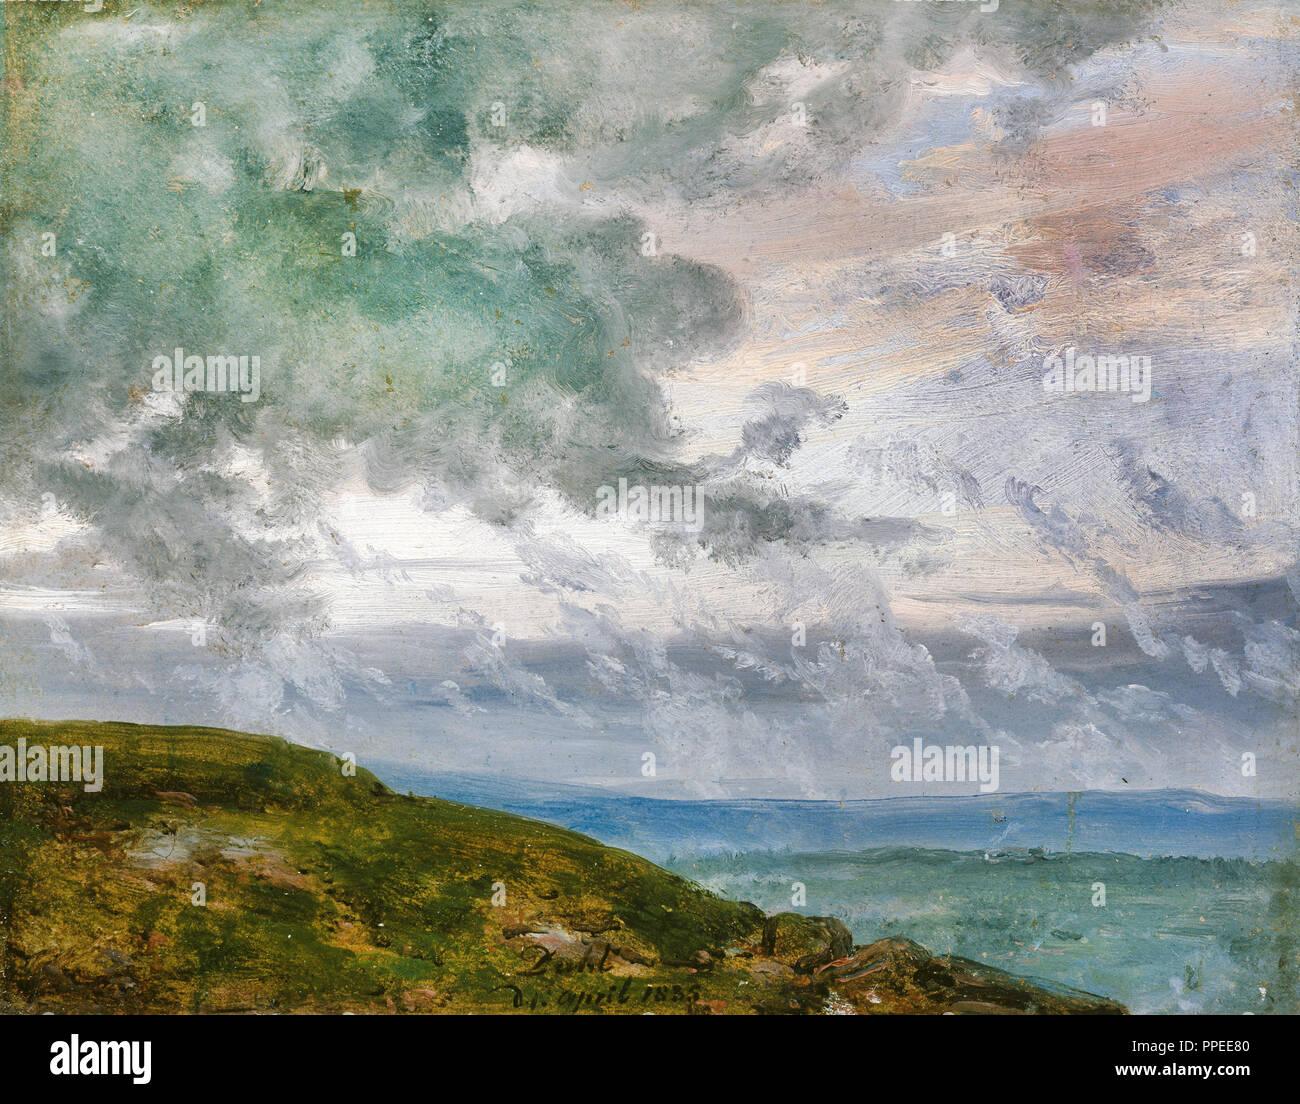 Johan Christian Dahl - Estudio de nubes 1835 Óleo sobre papel. Galería Nacional de Noruega, Oslo, Noruega. Imagen De Stock